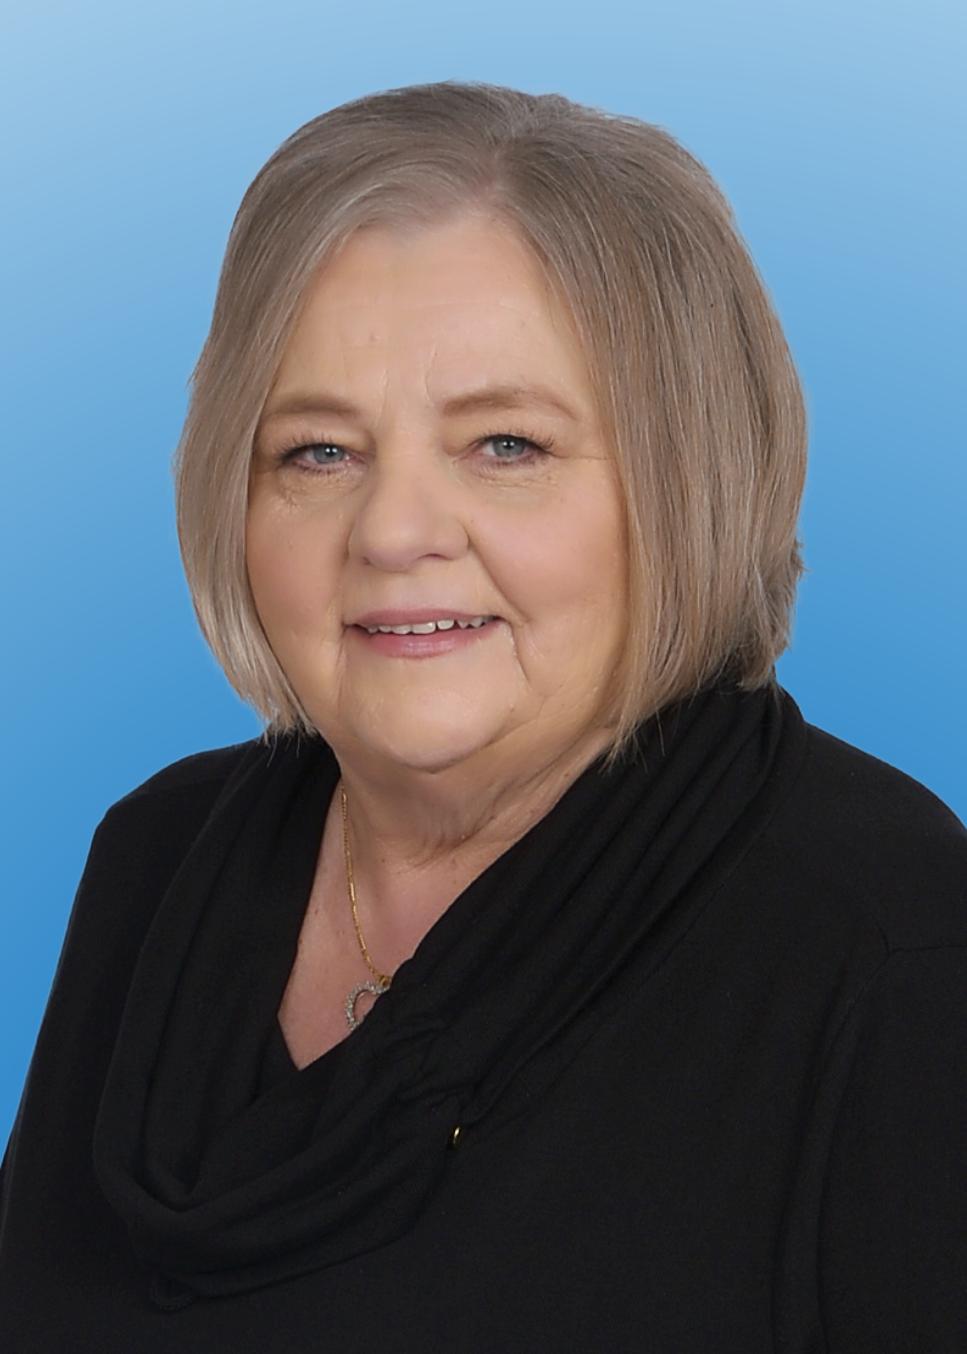 Eileen Craig